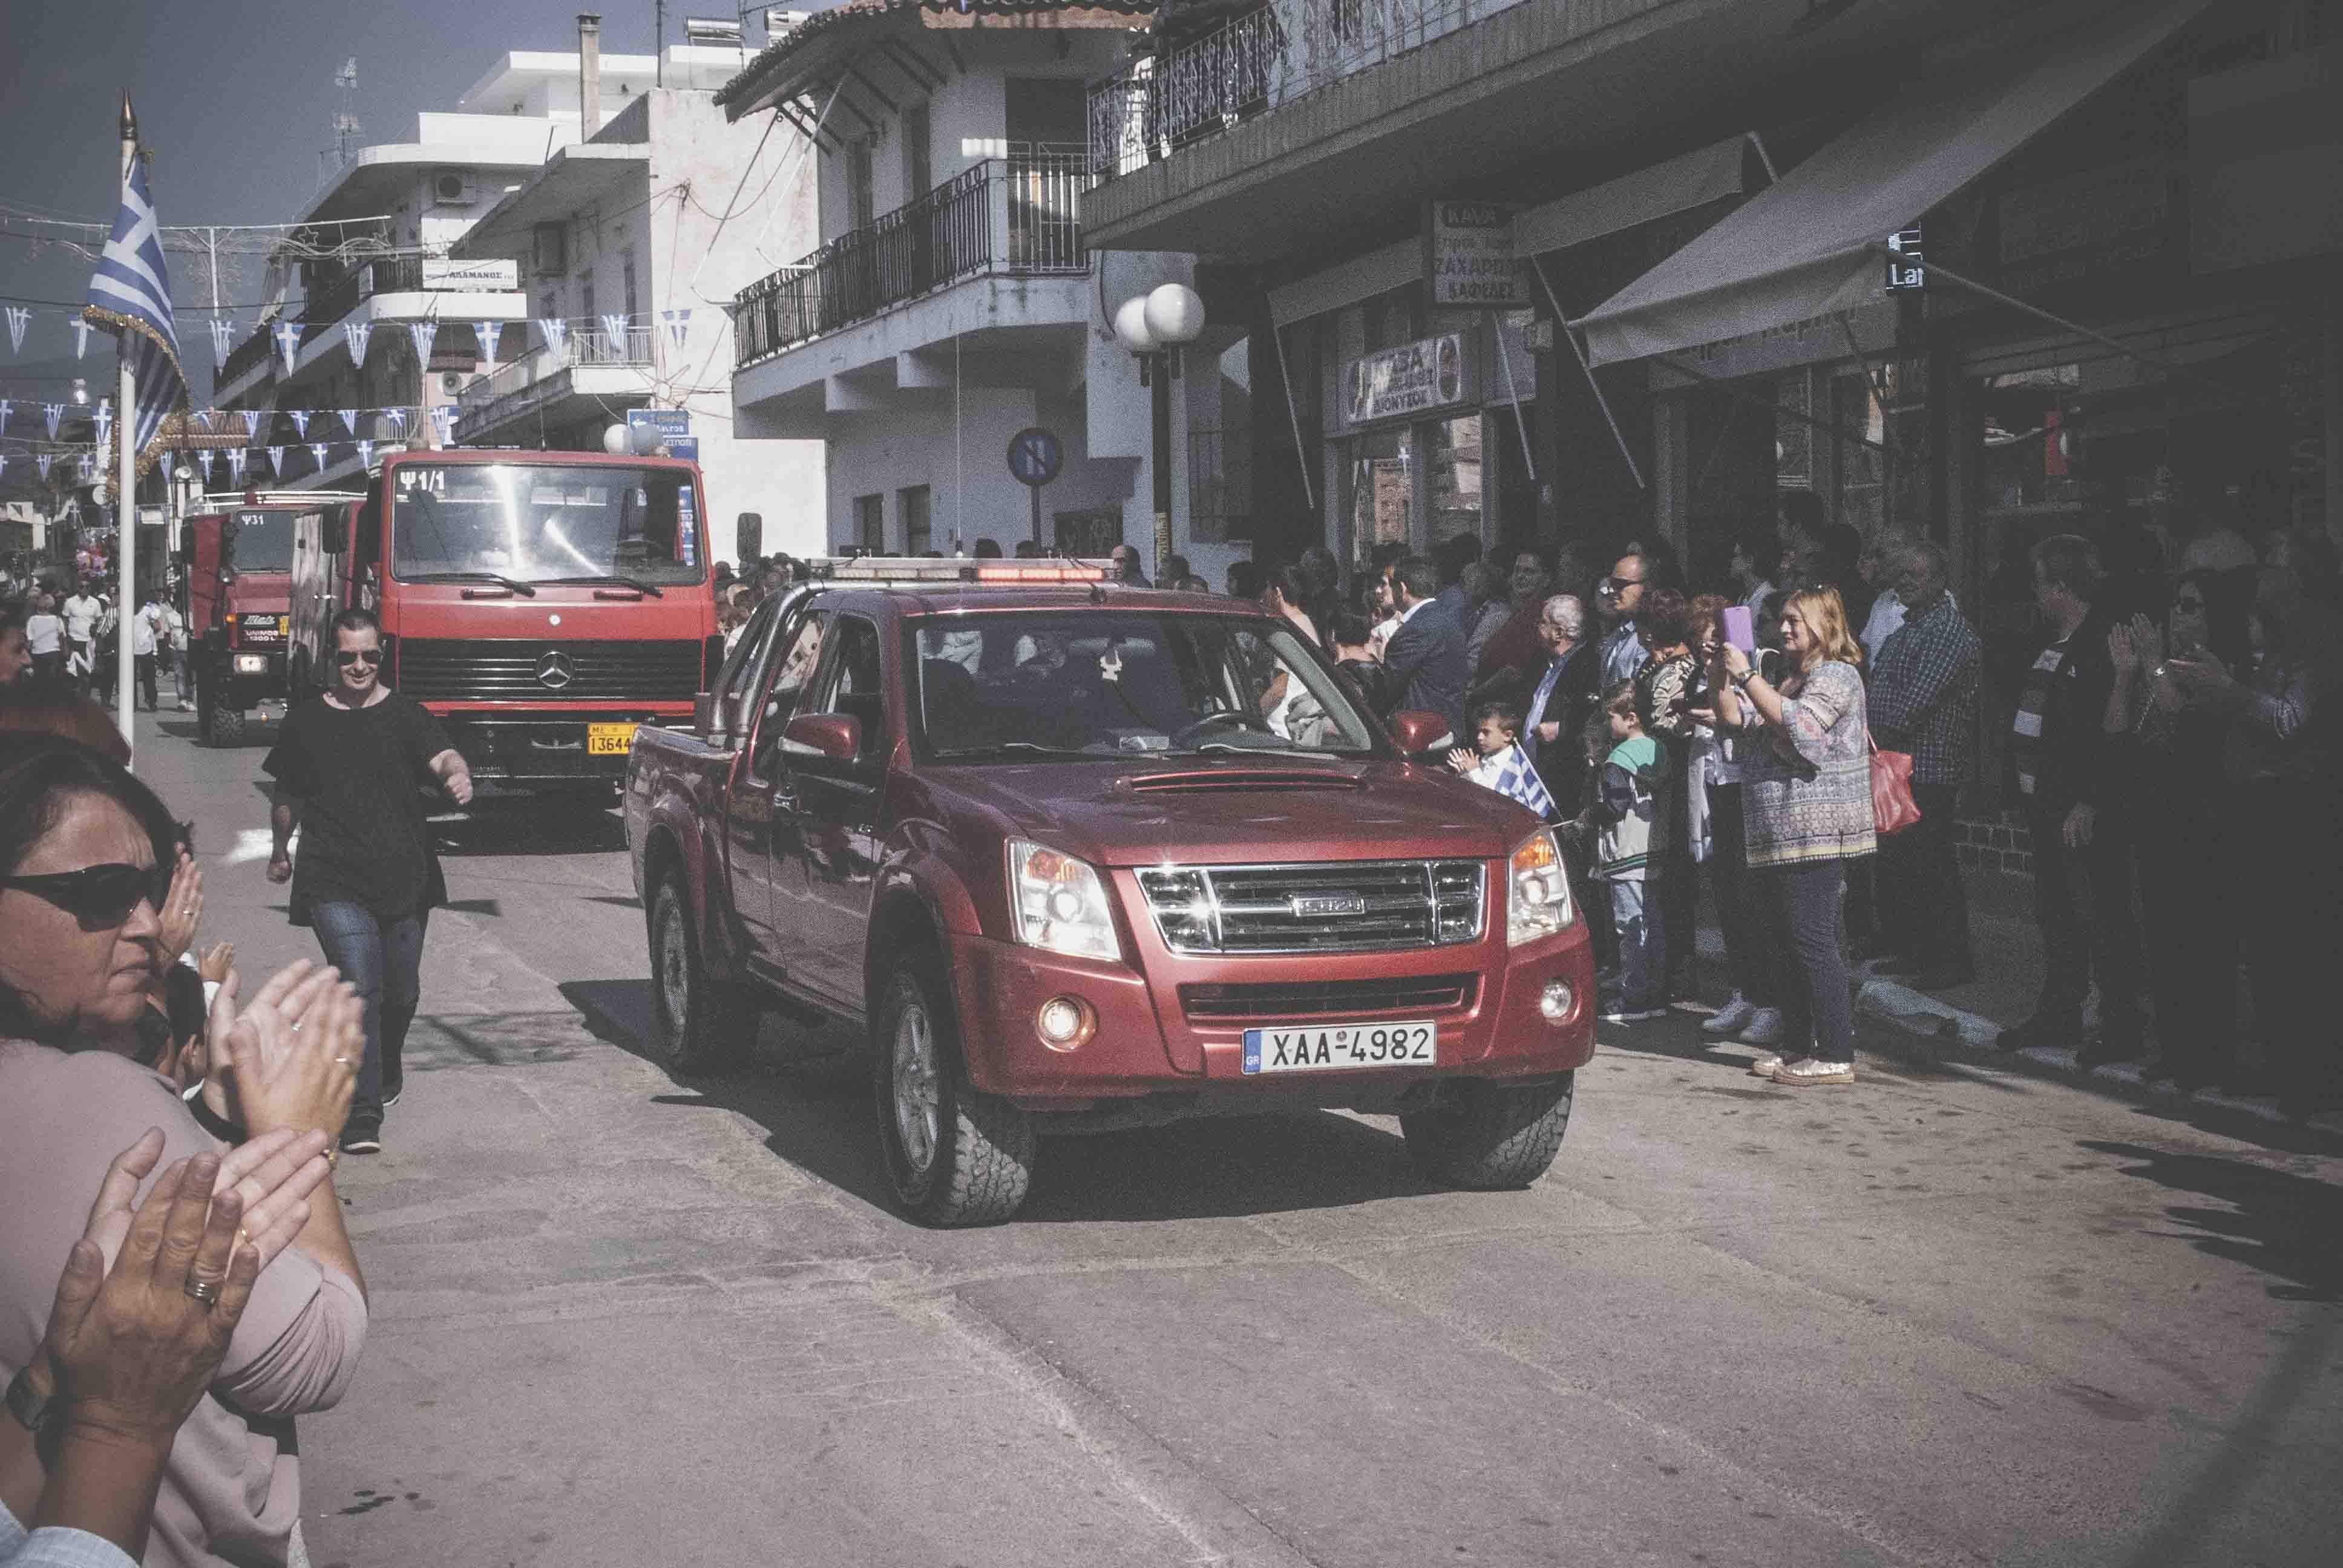 Φωτογραφικό υλικό από την παρέλαση στα Ψαχνά Φωτογραφικό υλικό από την παρέλαση στα Ψαχνά DSC 0446